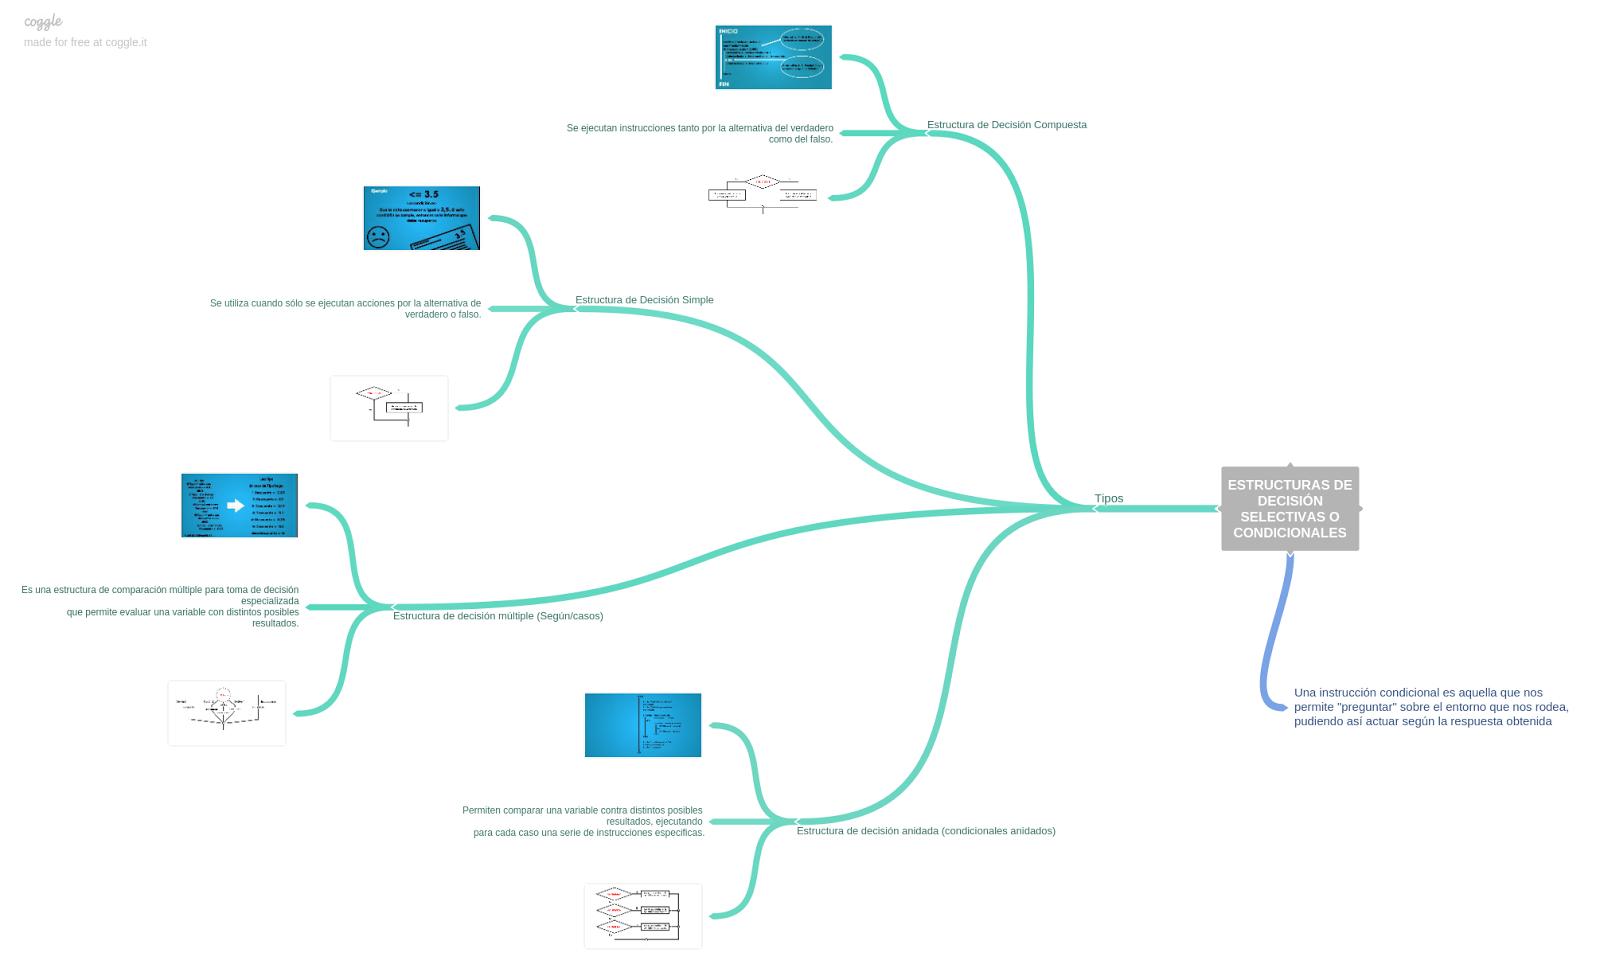 Estructura Alternativa O Condicional - 2021 idea e inspiración